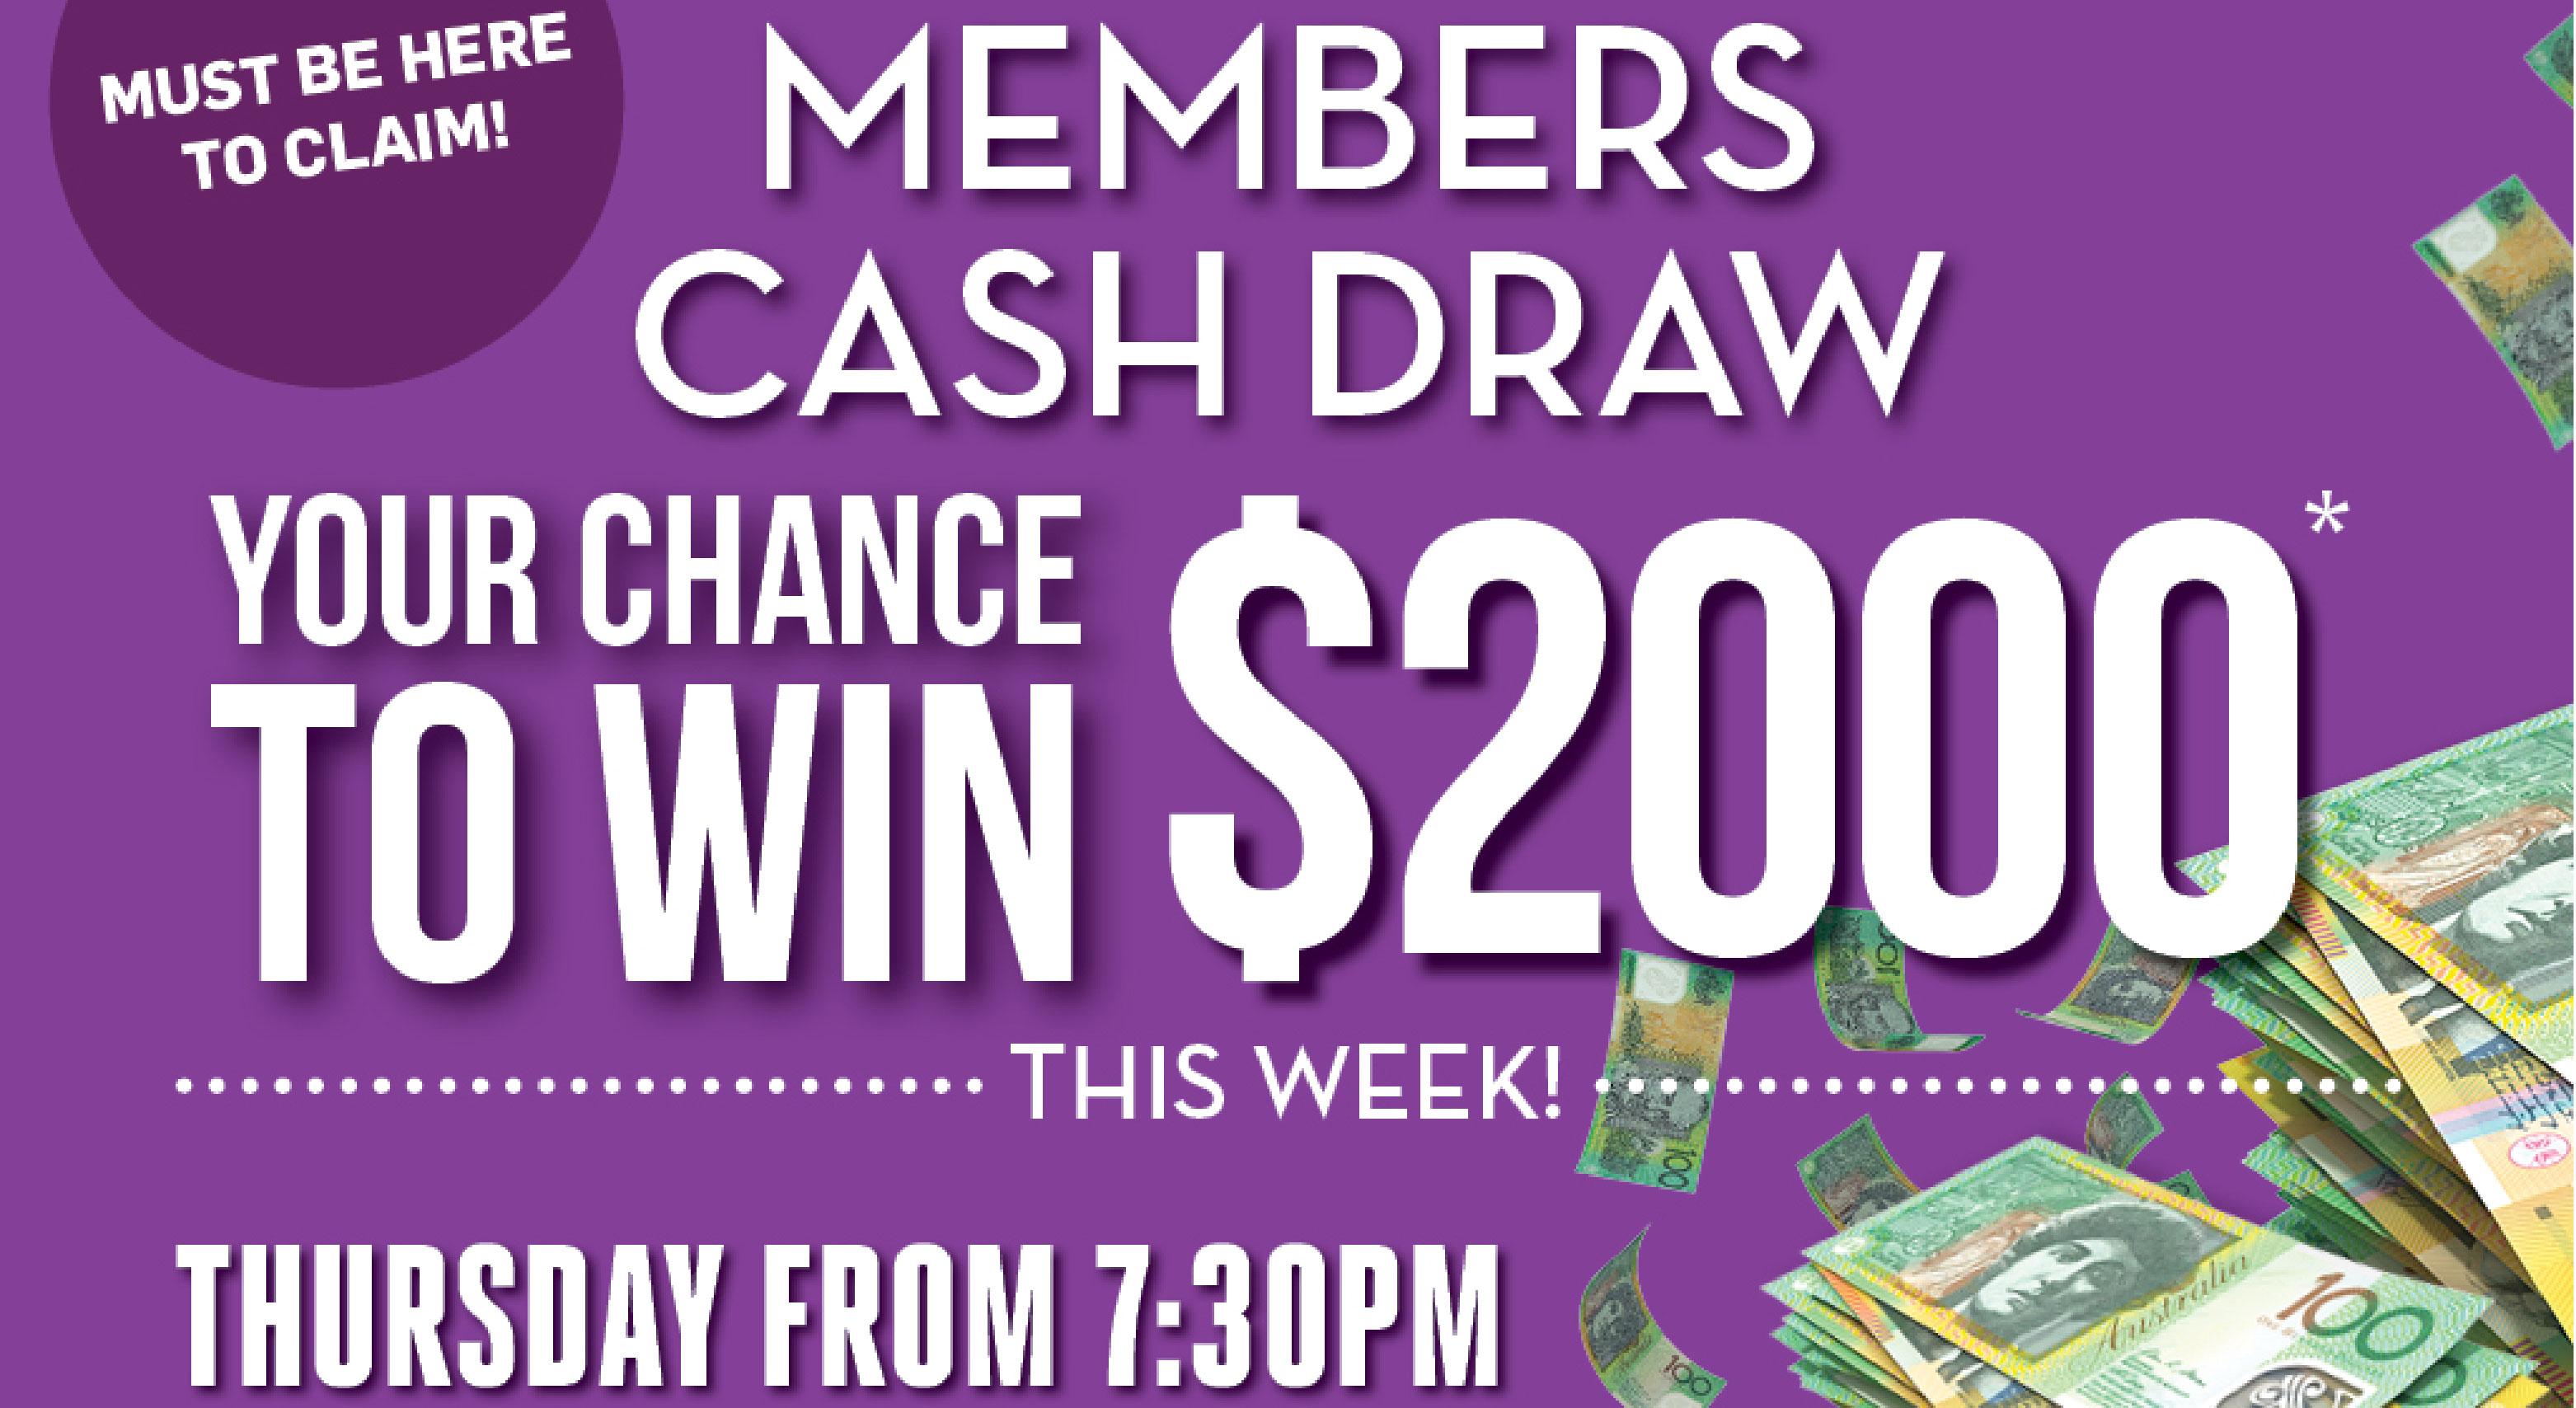 Members Cash Draw